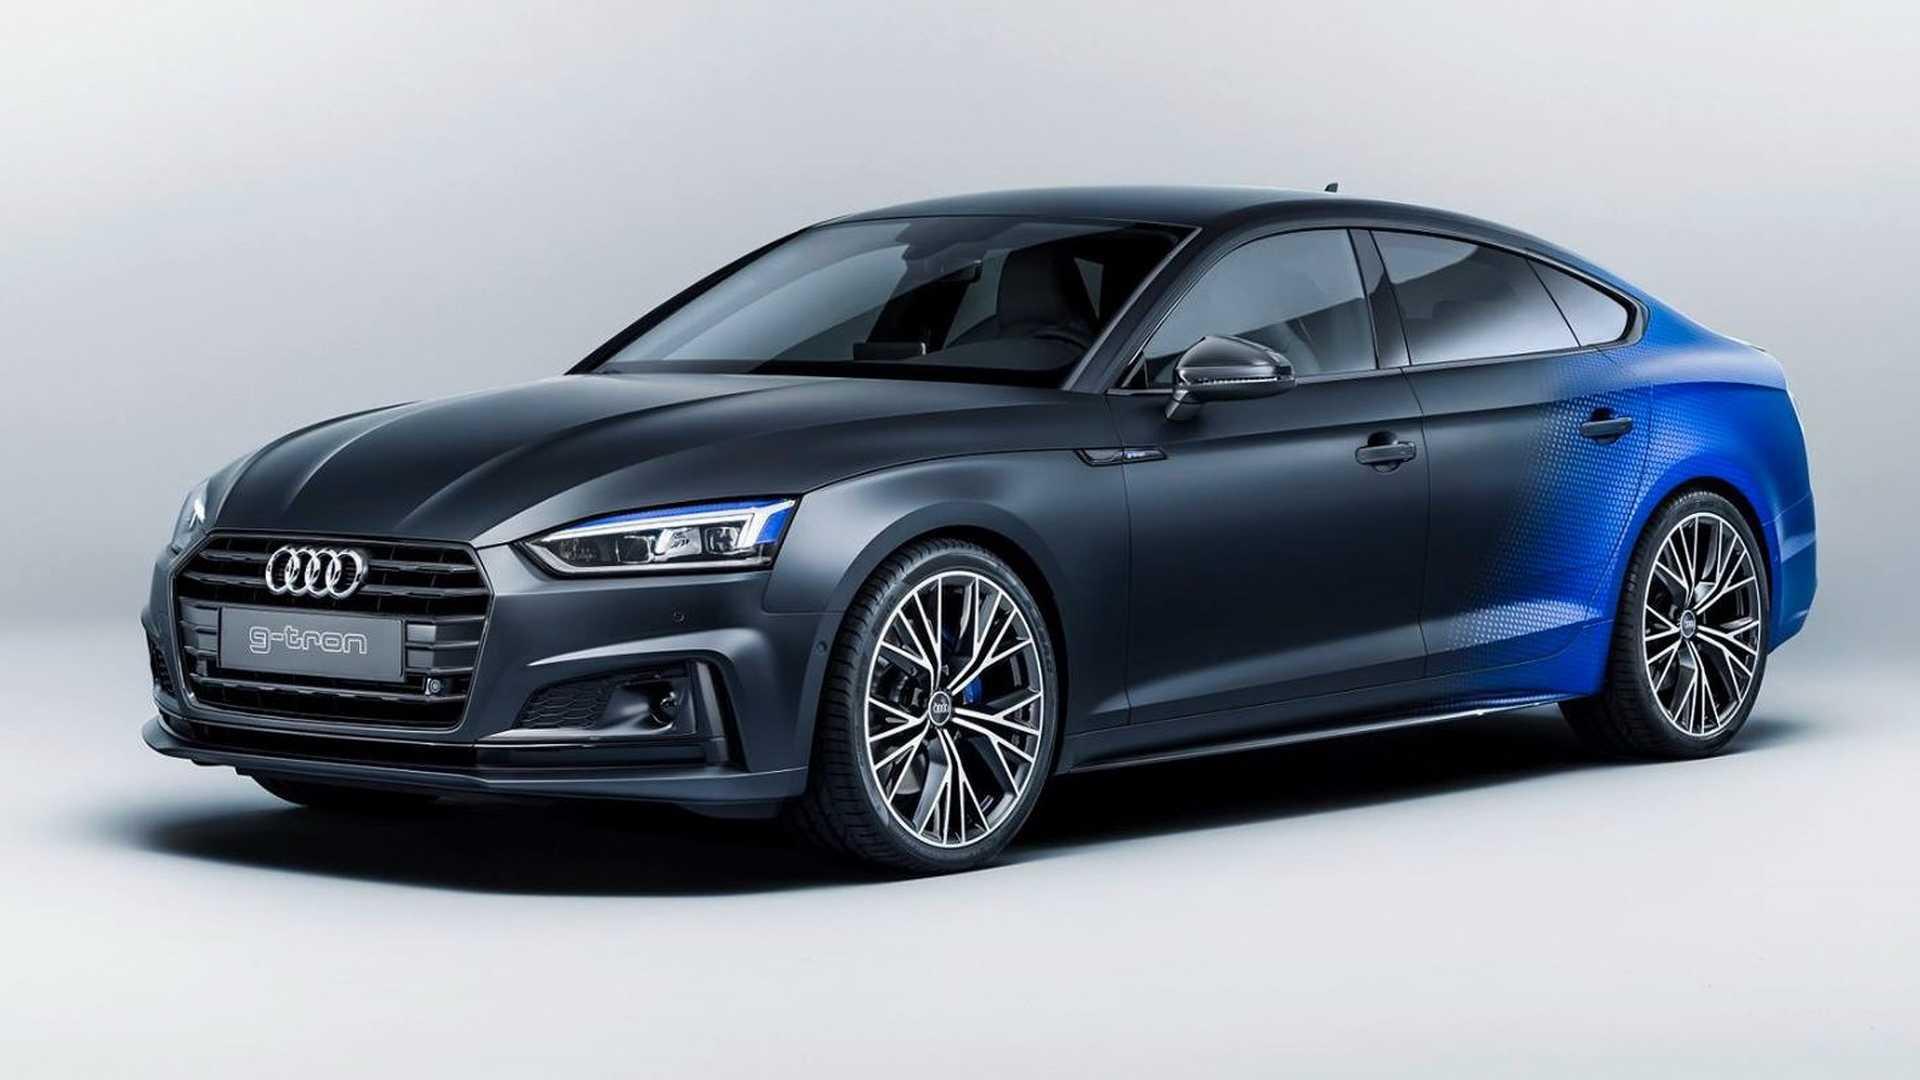 Audi_A5_Sportback_g-tron_01